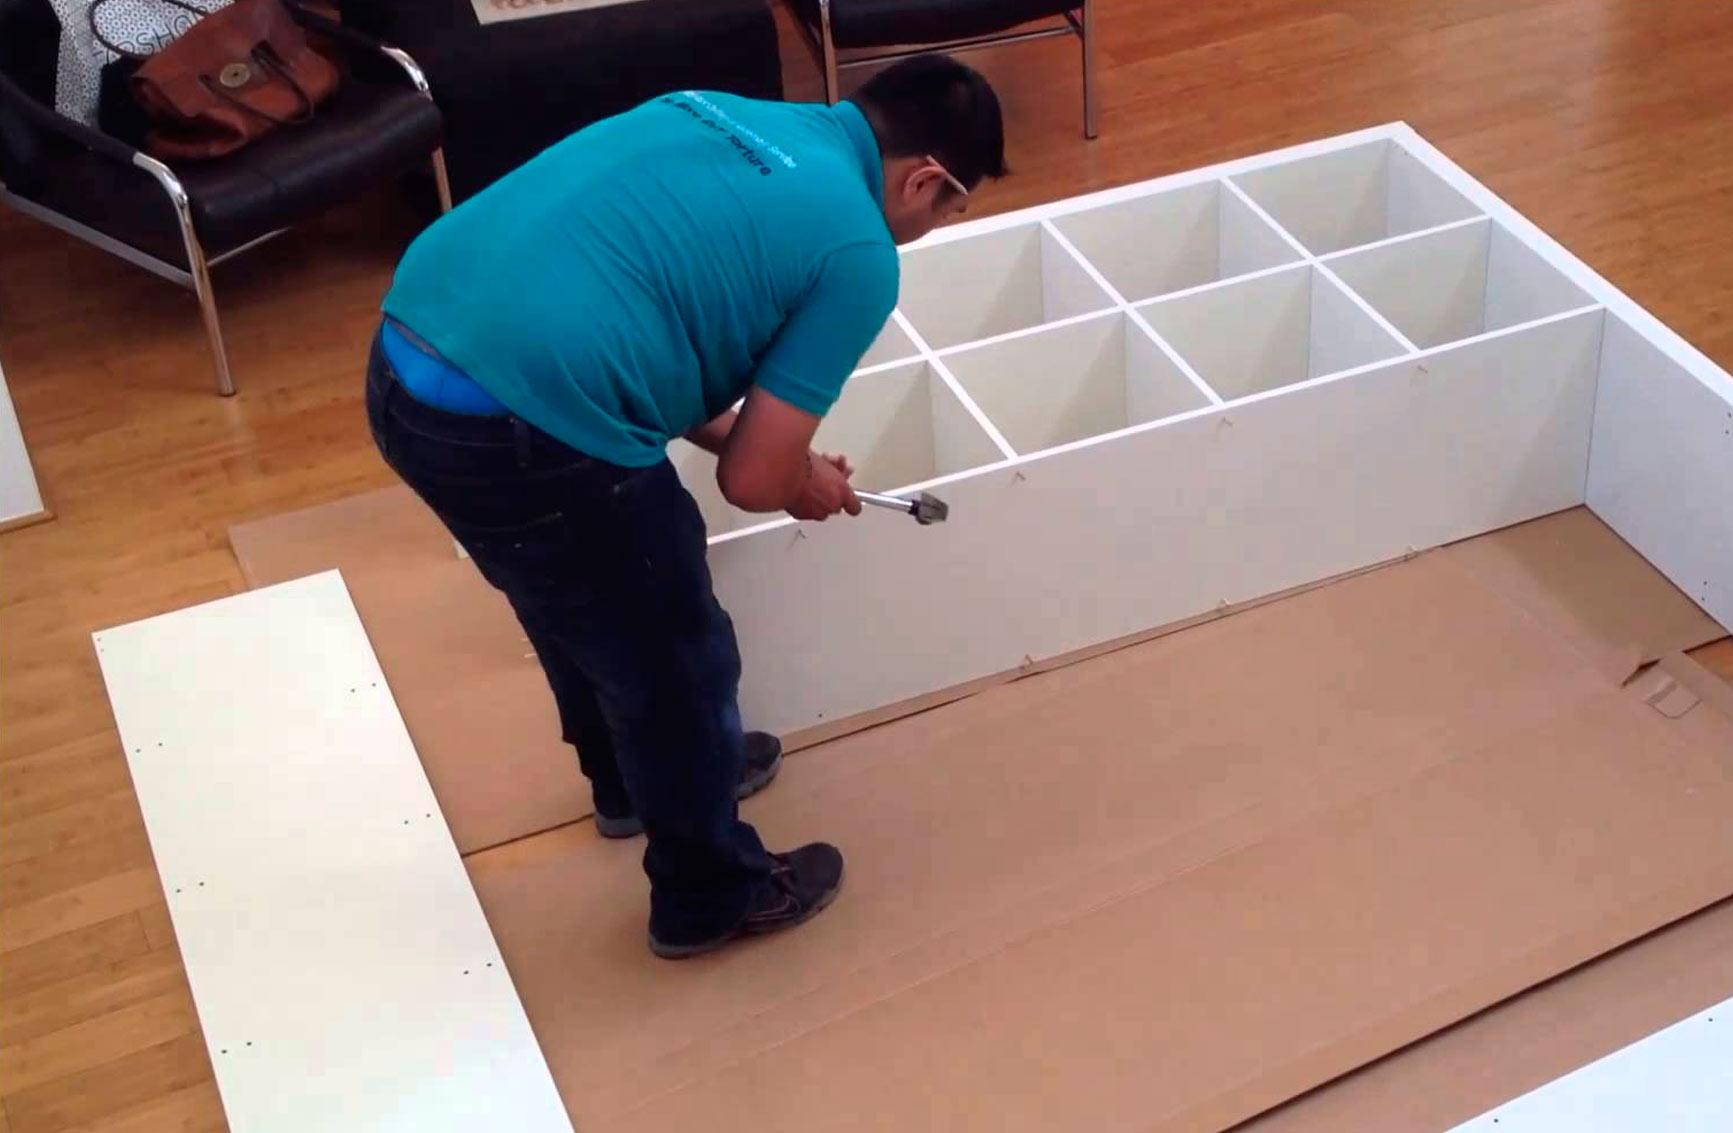 Muebles Pacoli imagen de montaje de muebles